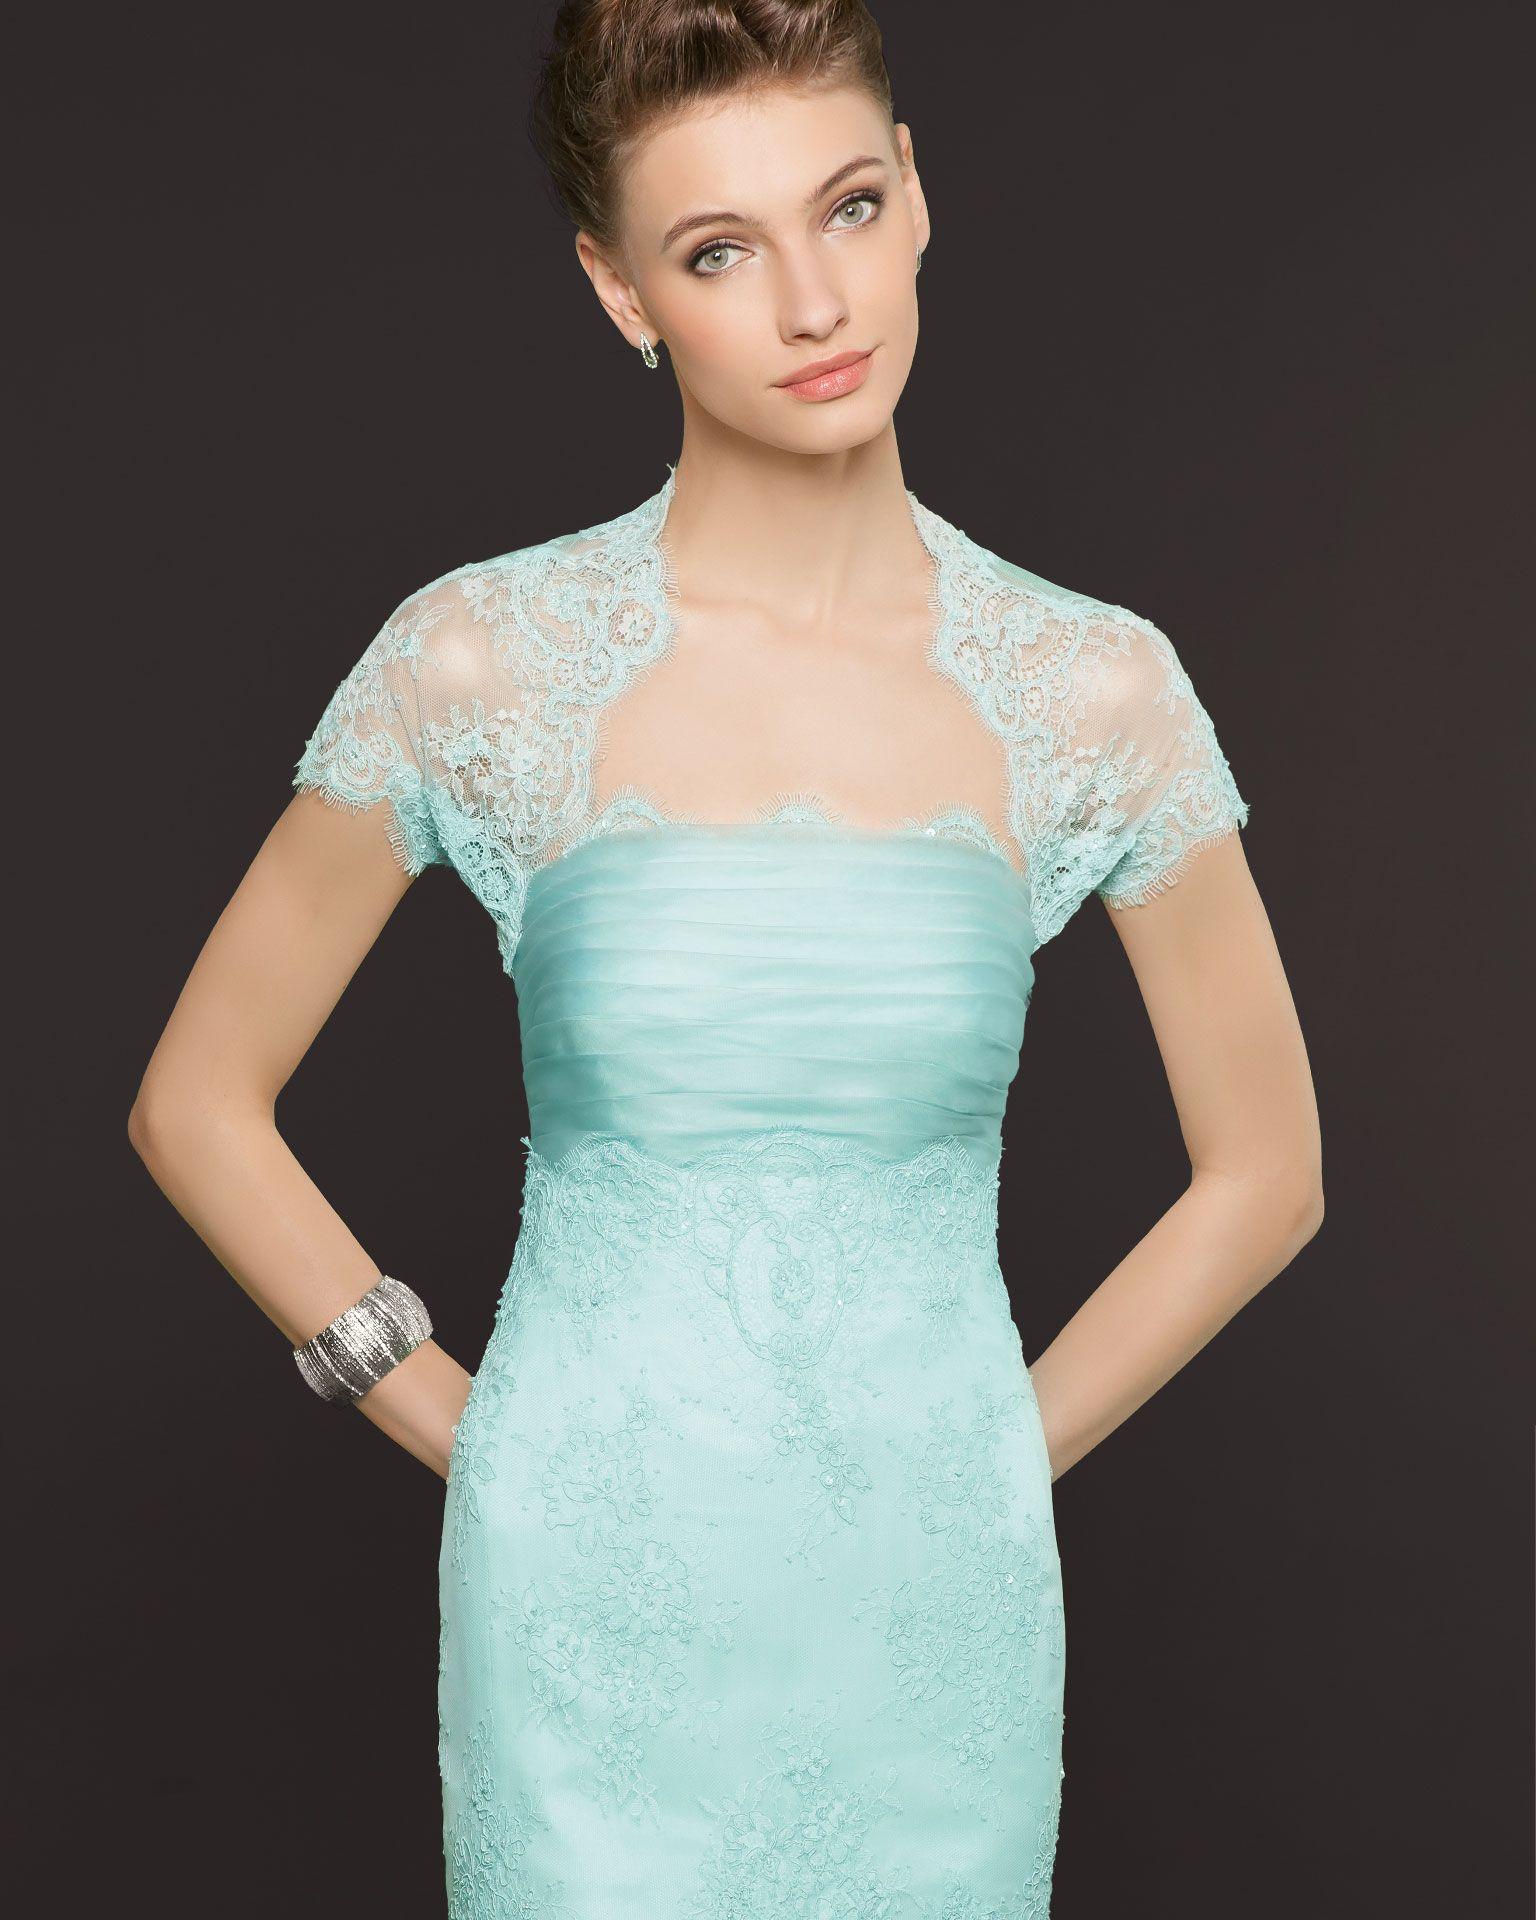 Lovely Vestidos Novia Aire Gallery - Wedding Ideas - memiocall.com